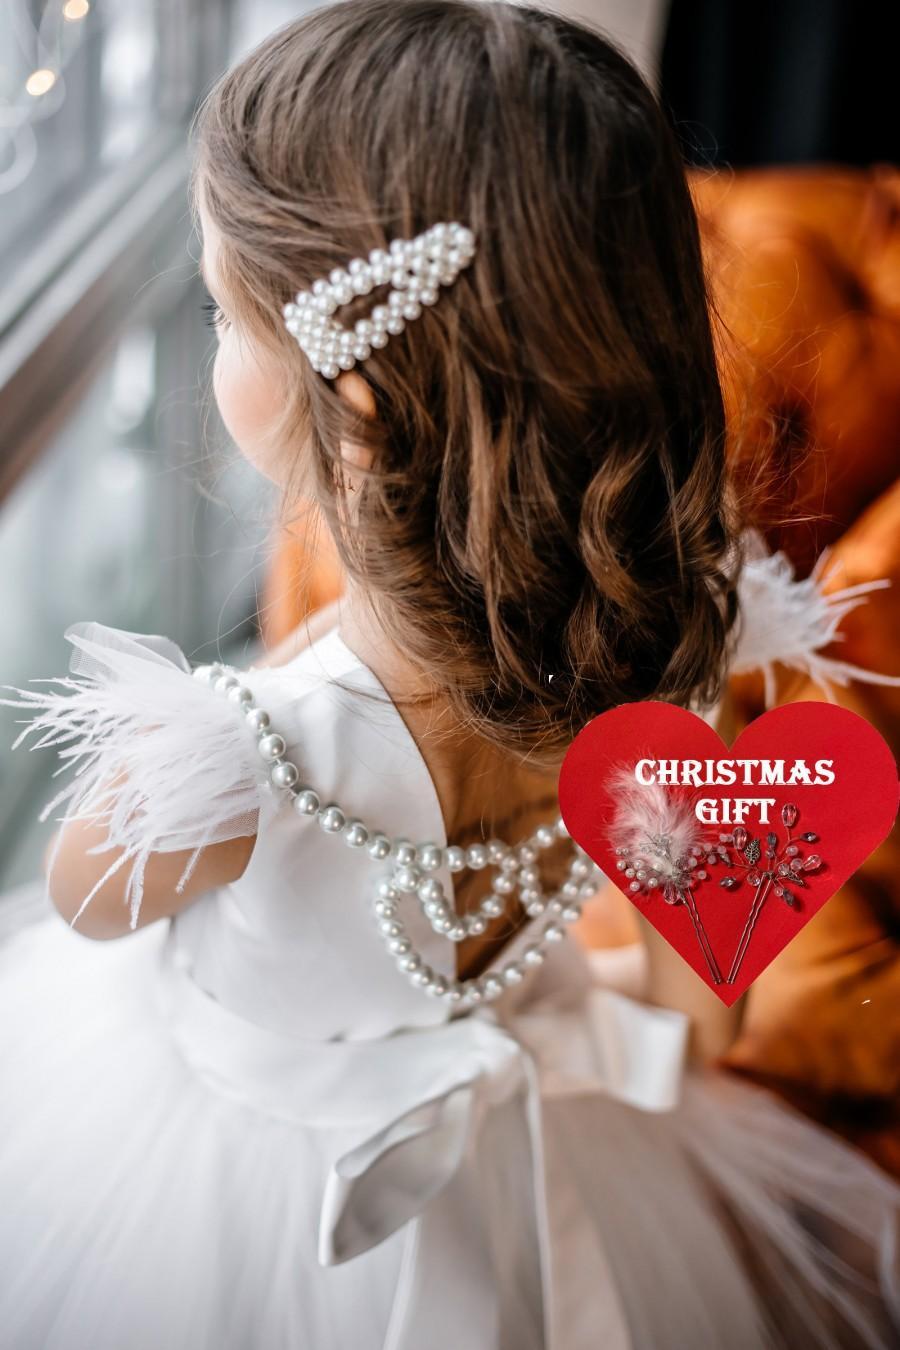 Свадьба - Tulle Flower Girl Dress, Tutu Flower Girl Dress, Satin Flower Dress,Ivory Girl Dress, White Girl Dress, Birthday Girl Dress, First Communion